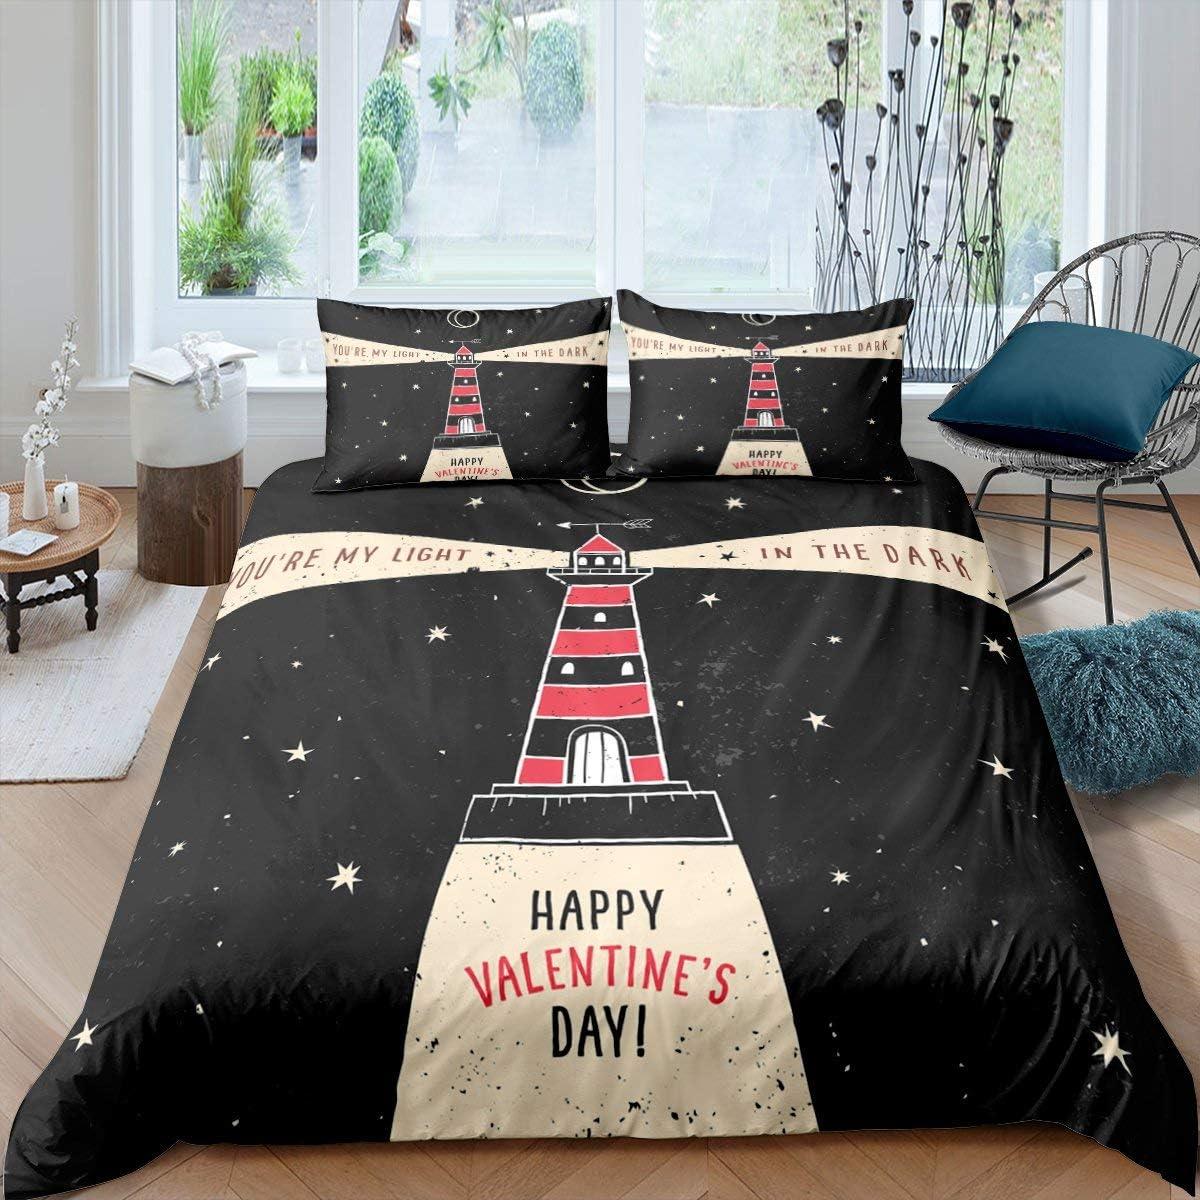 Erosebridal Lighthouse Duvet Gifts Cover Day Valentine's Theme Couples Luxury goods